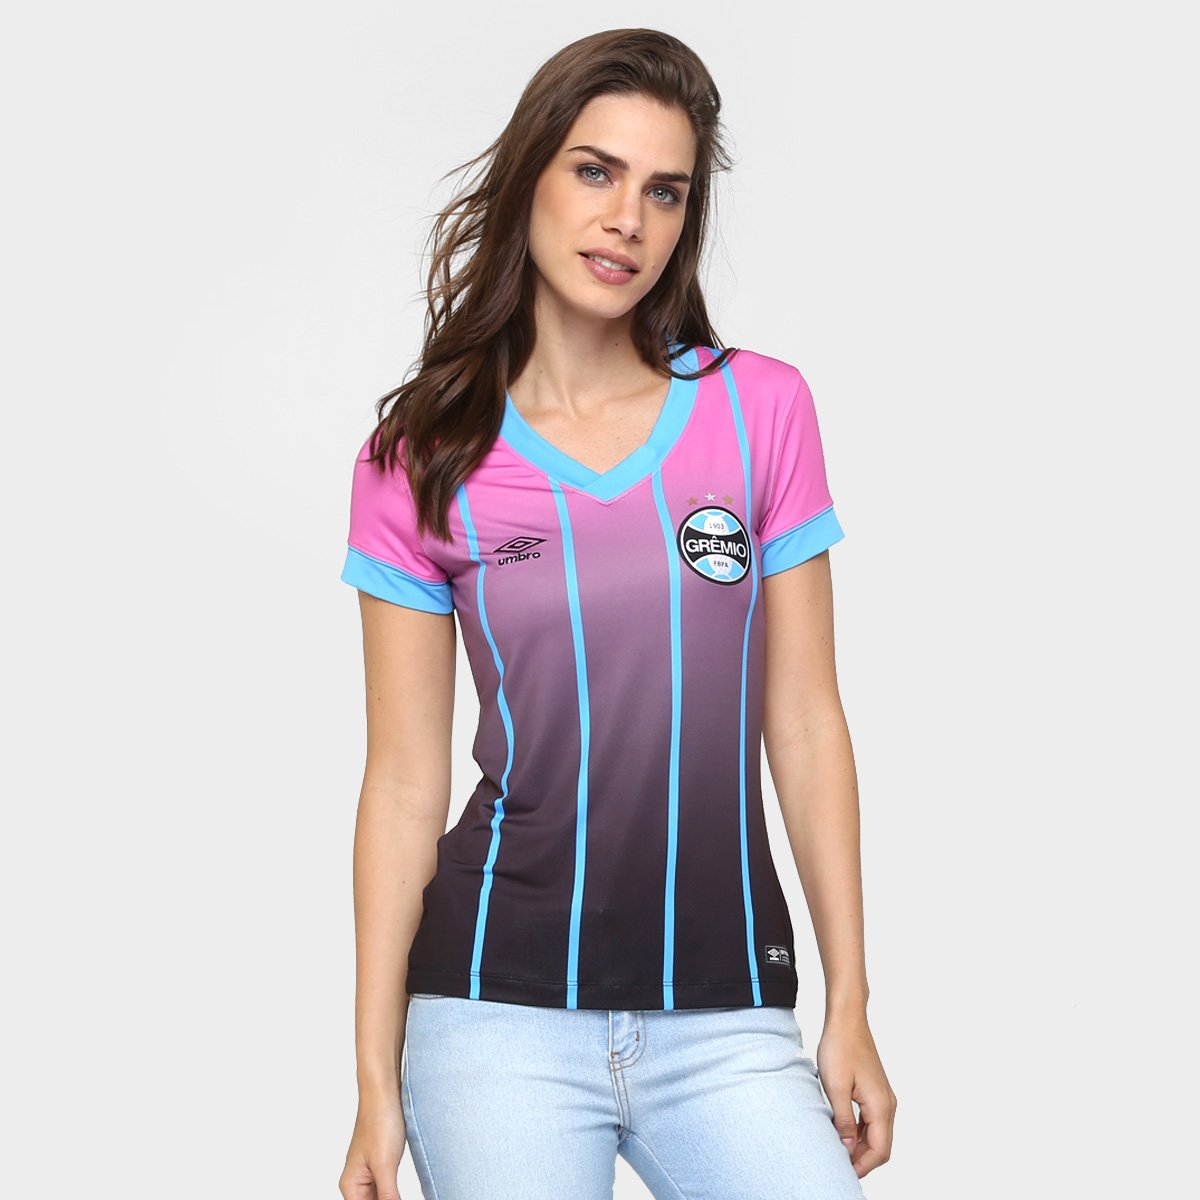 62b259a039b7f Camisa Feminina Umbro Grêmio Outubro Rosa 2016 s nº - Compre Agora ...